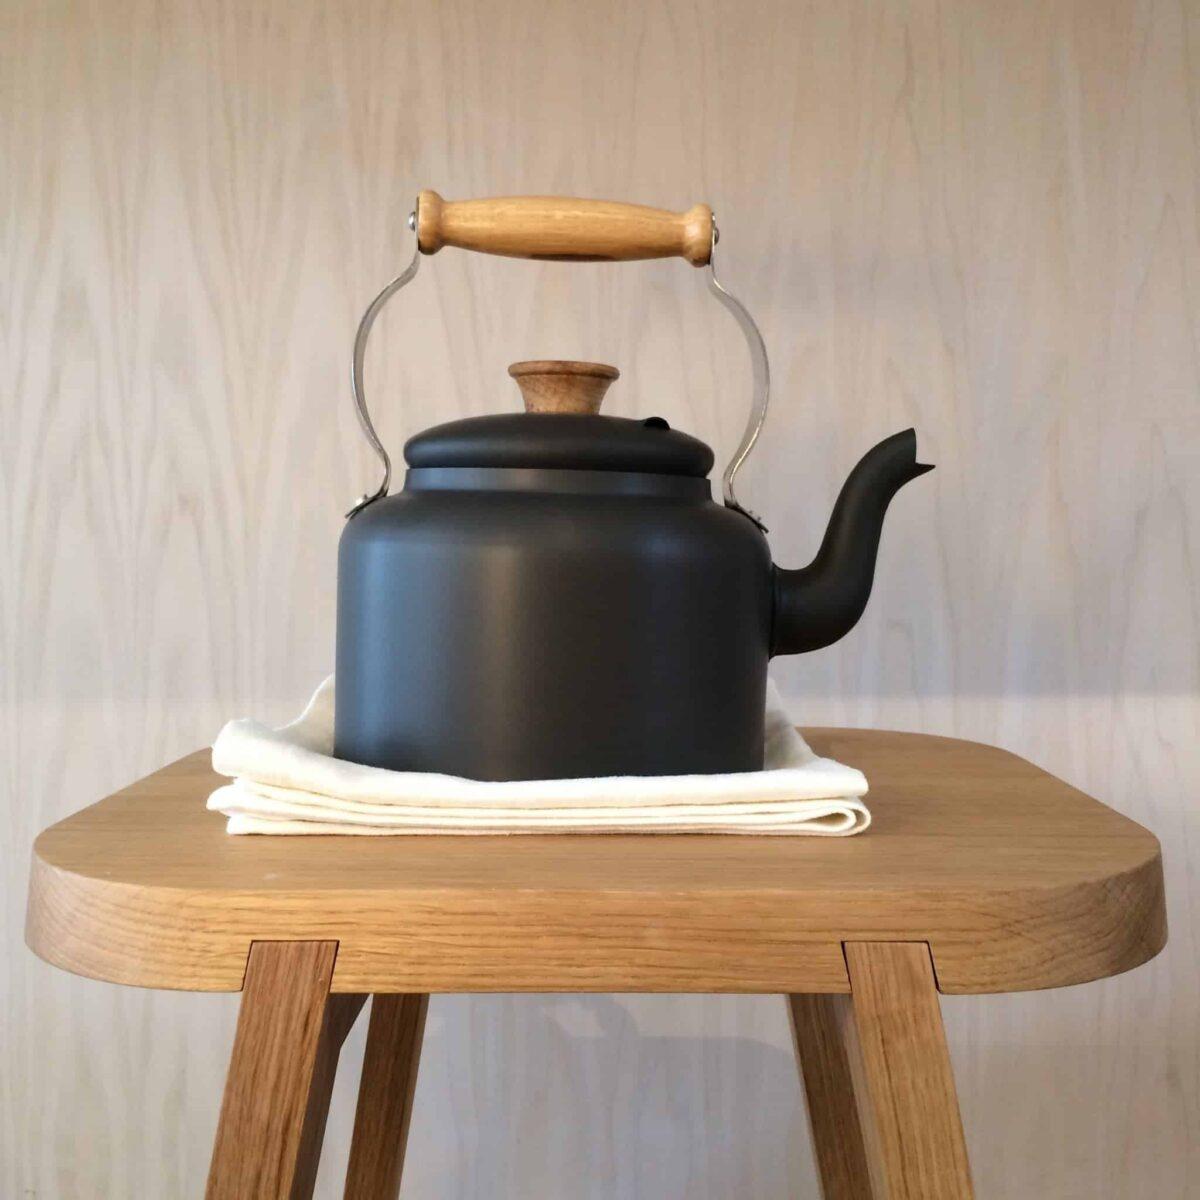 Netherton-kettle-castiron-009